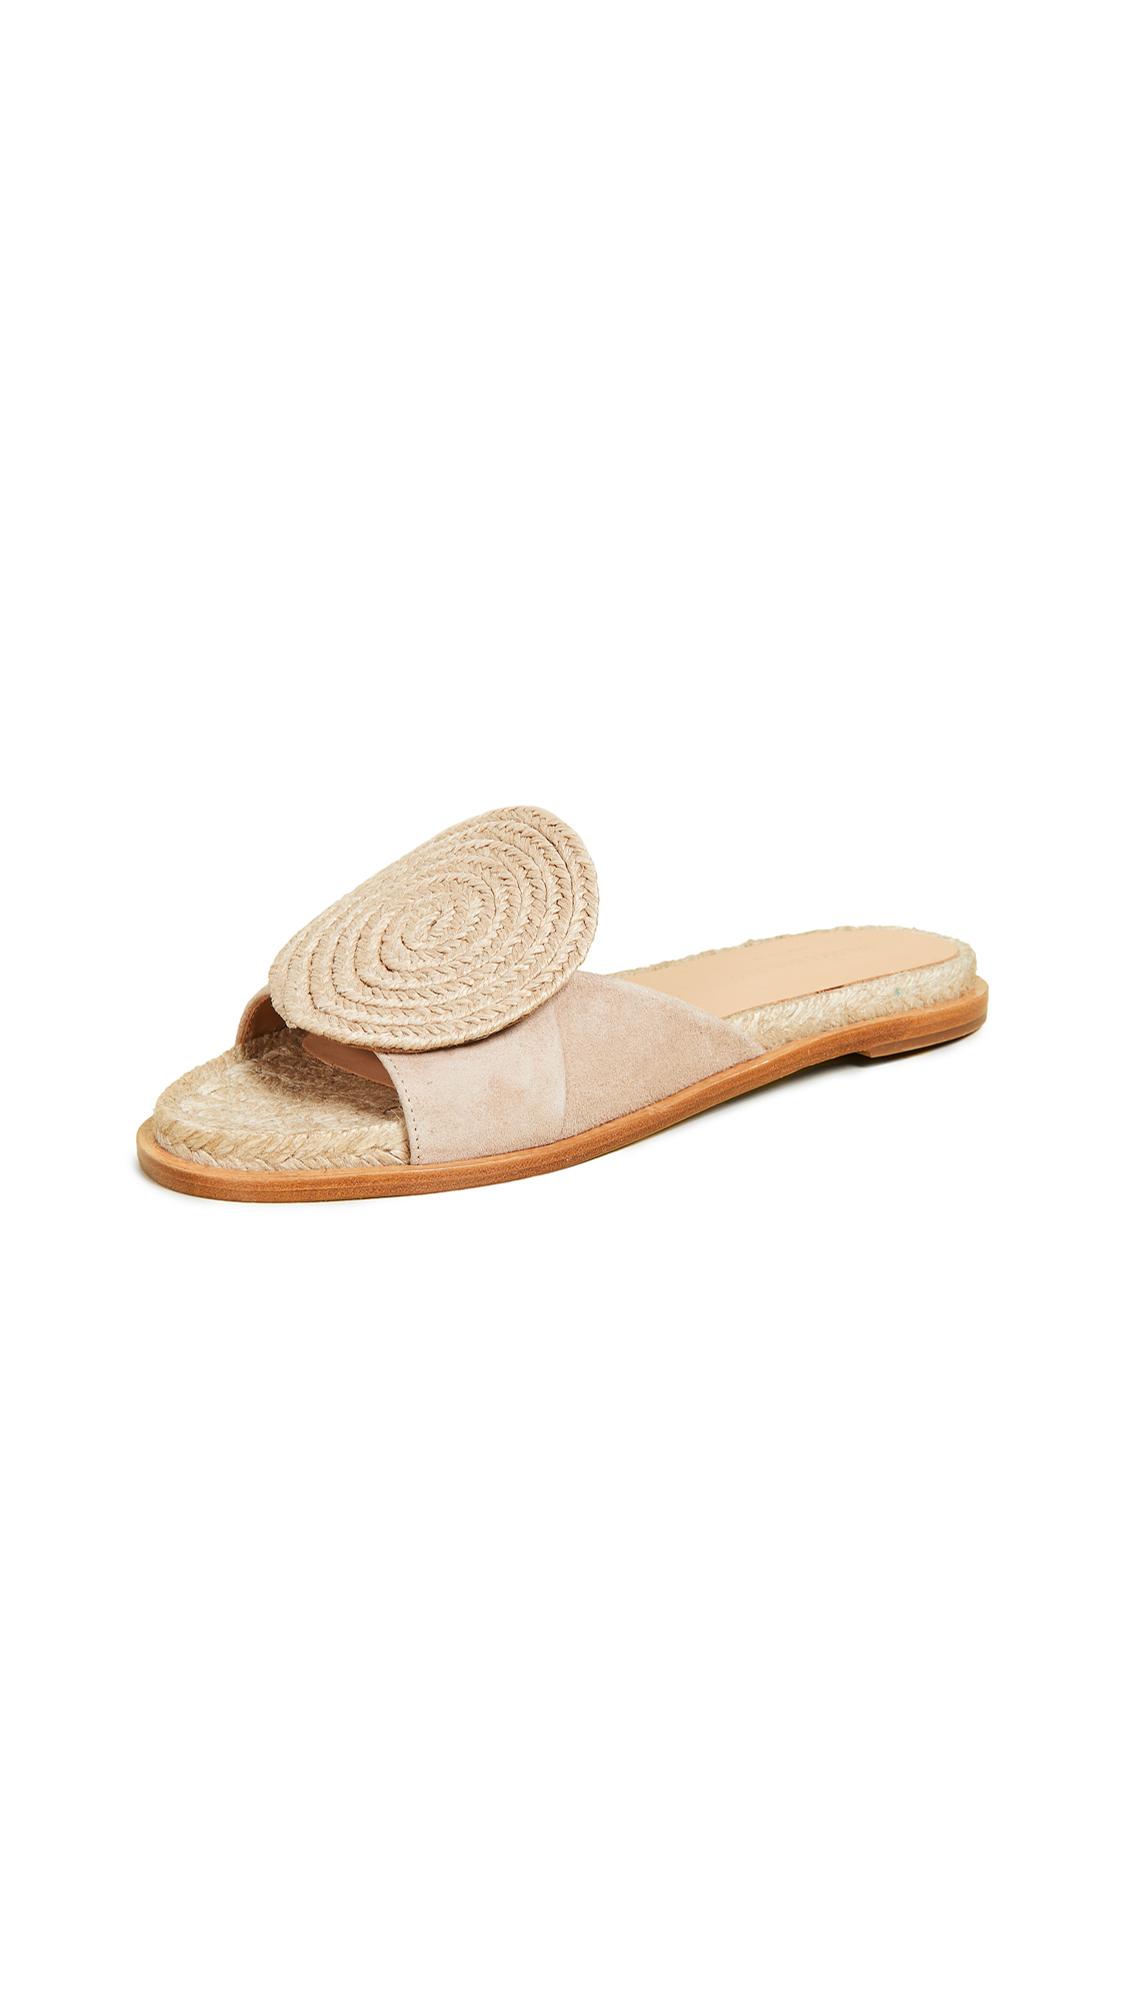 Paloma Barcelo Emilie Slide Sandals - Nude